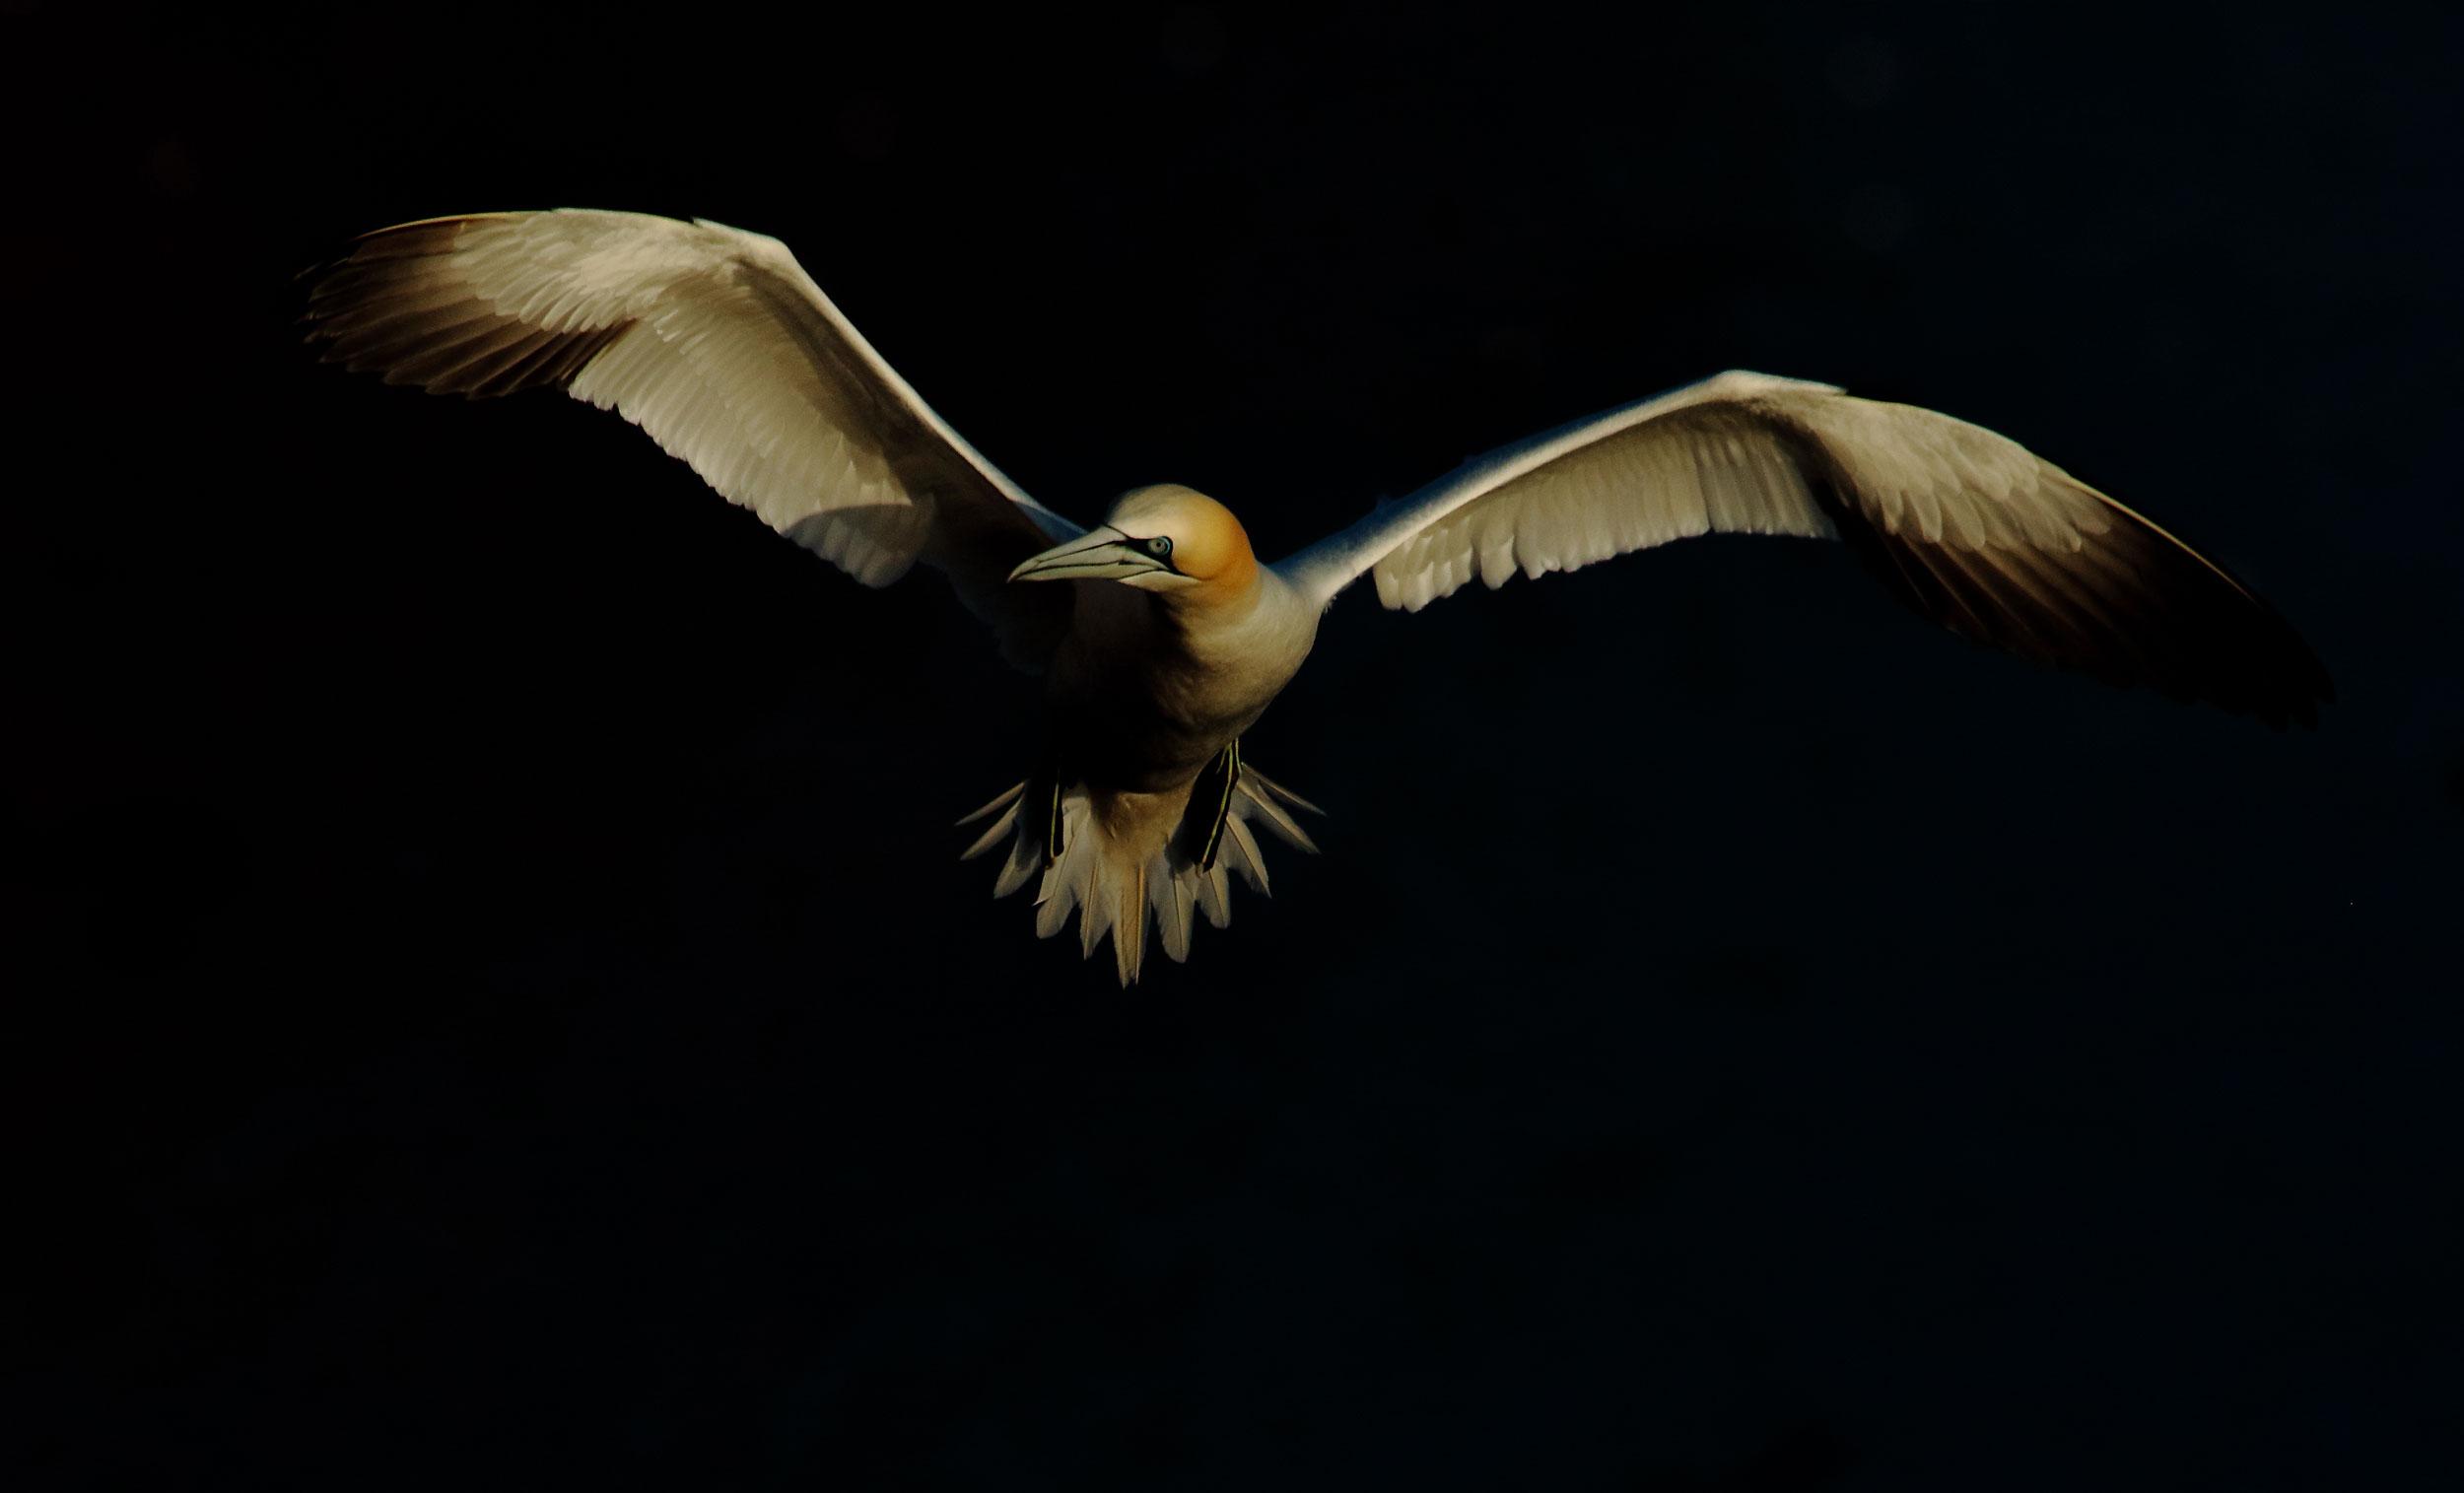 foto van een Jan van Gent vliegend in zwarte achtergrond